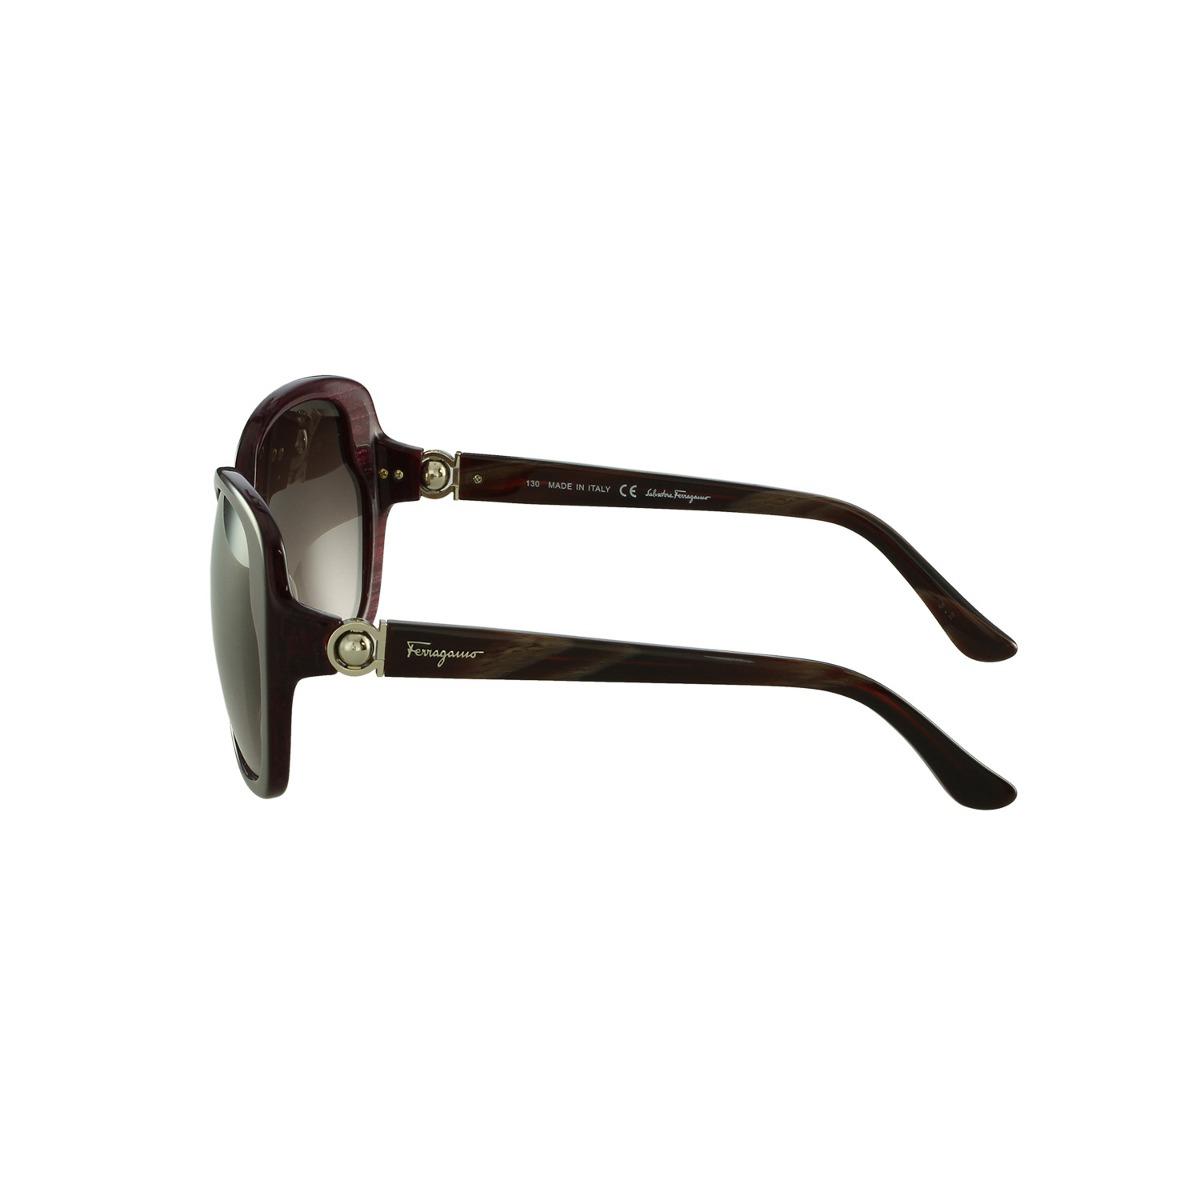 Óculos De Sol Salvatore Ferragamo Casual Roxo - R  735,00 em Mercado ... 8797c84823